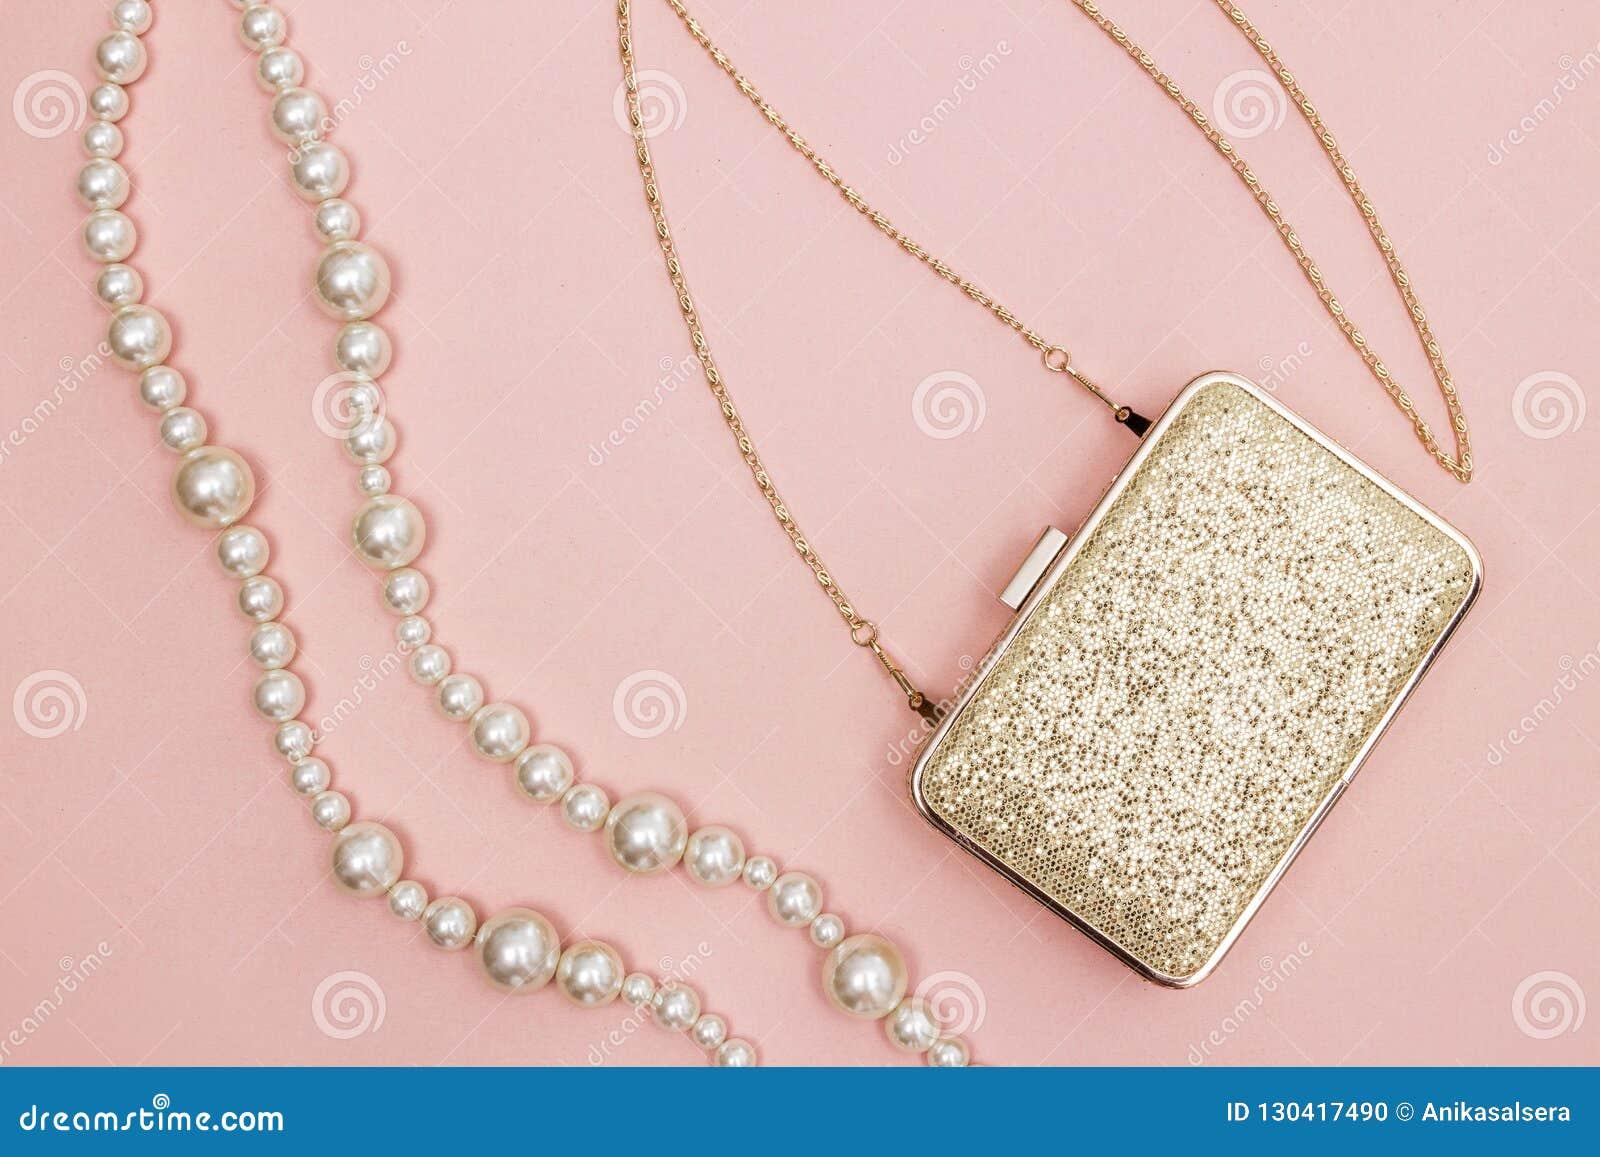 Gouden beurs en parelhalsband op roze achtergrond